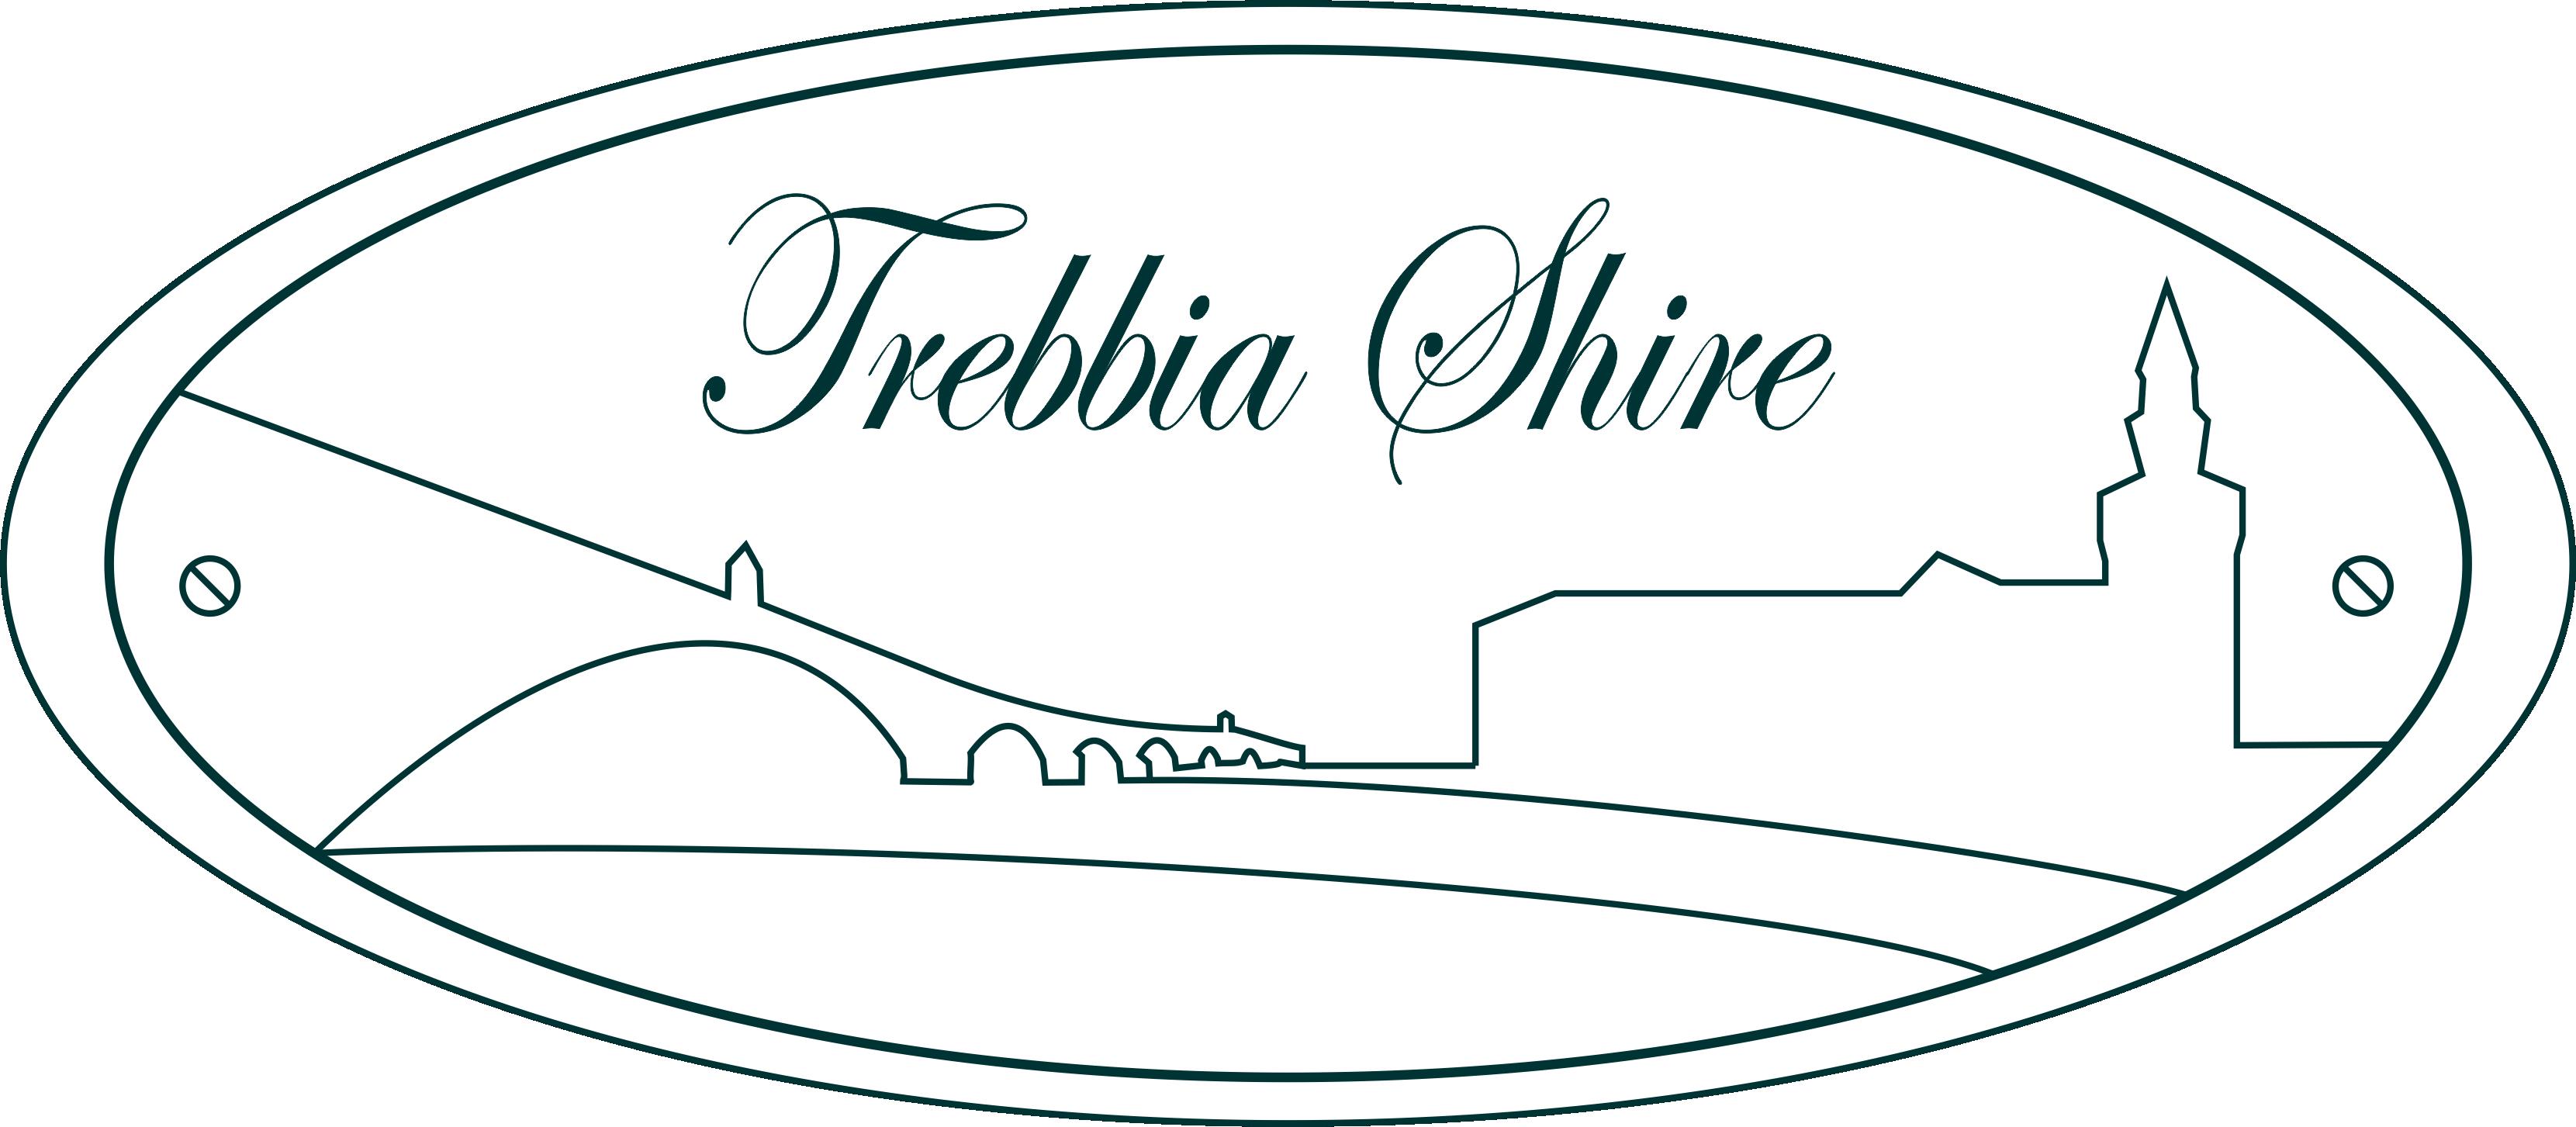 Trebbia Shire